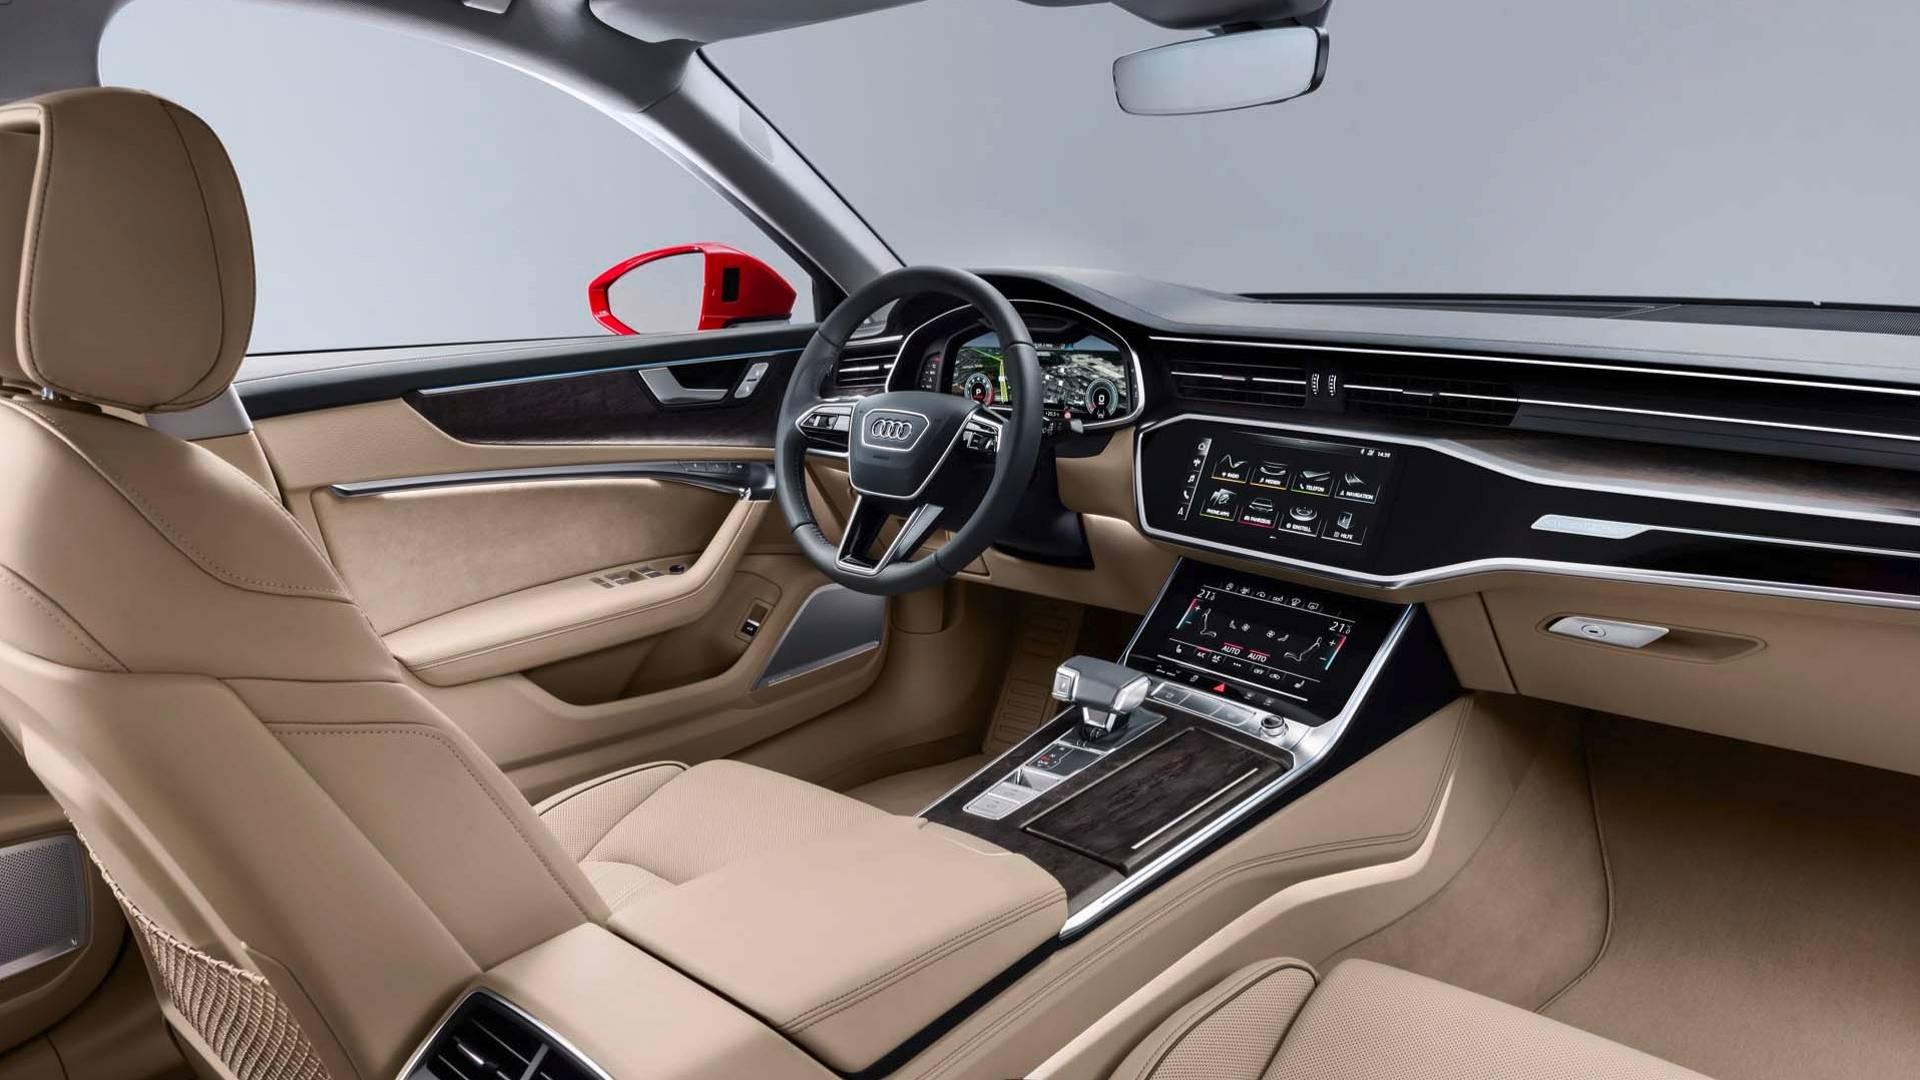 Novo Audi A6 2019 E Confirmado Para O Brasil Em Duas Versoes